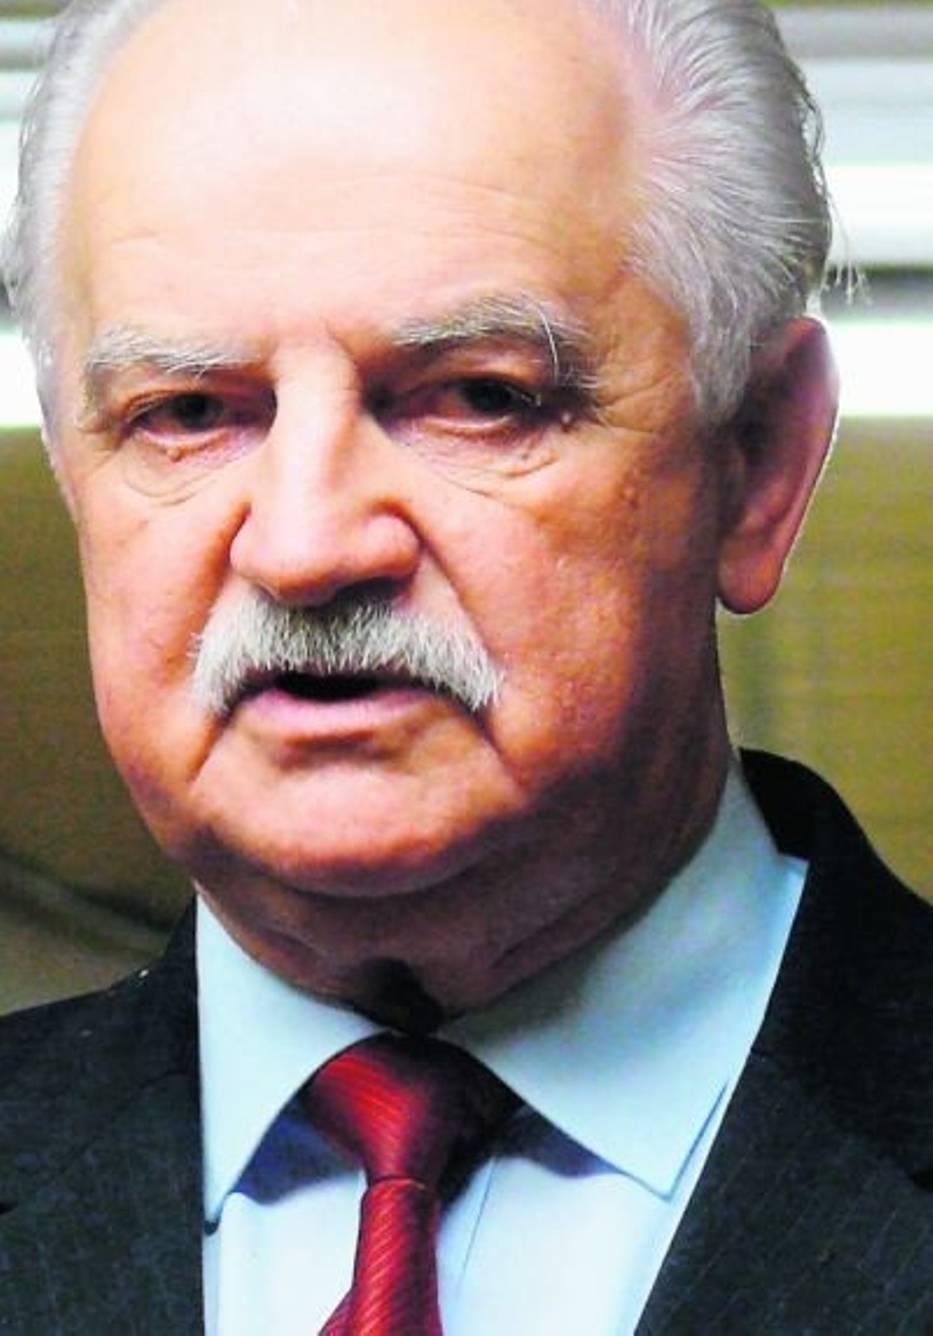 Osoba związana z ANR prosiła o pomoc starostę Tomasza Bugajskiego, ale jego interwencja nie przyniosła skutku